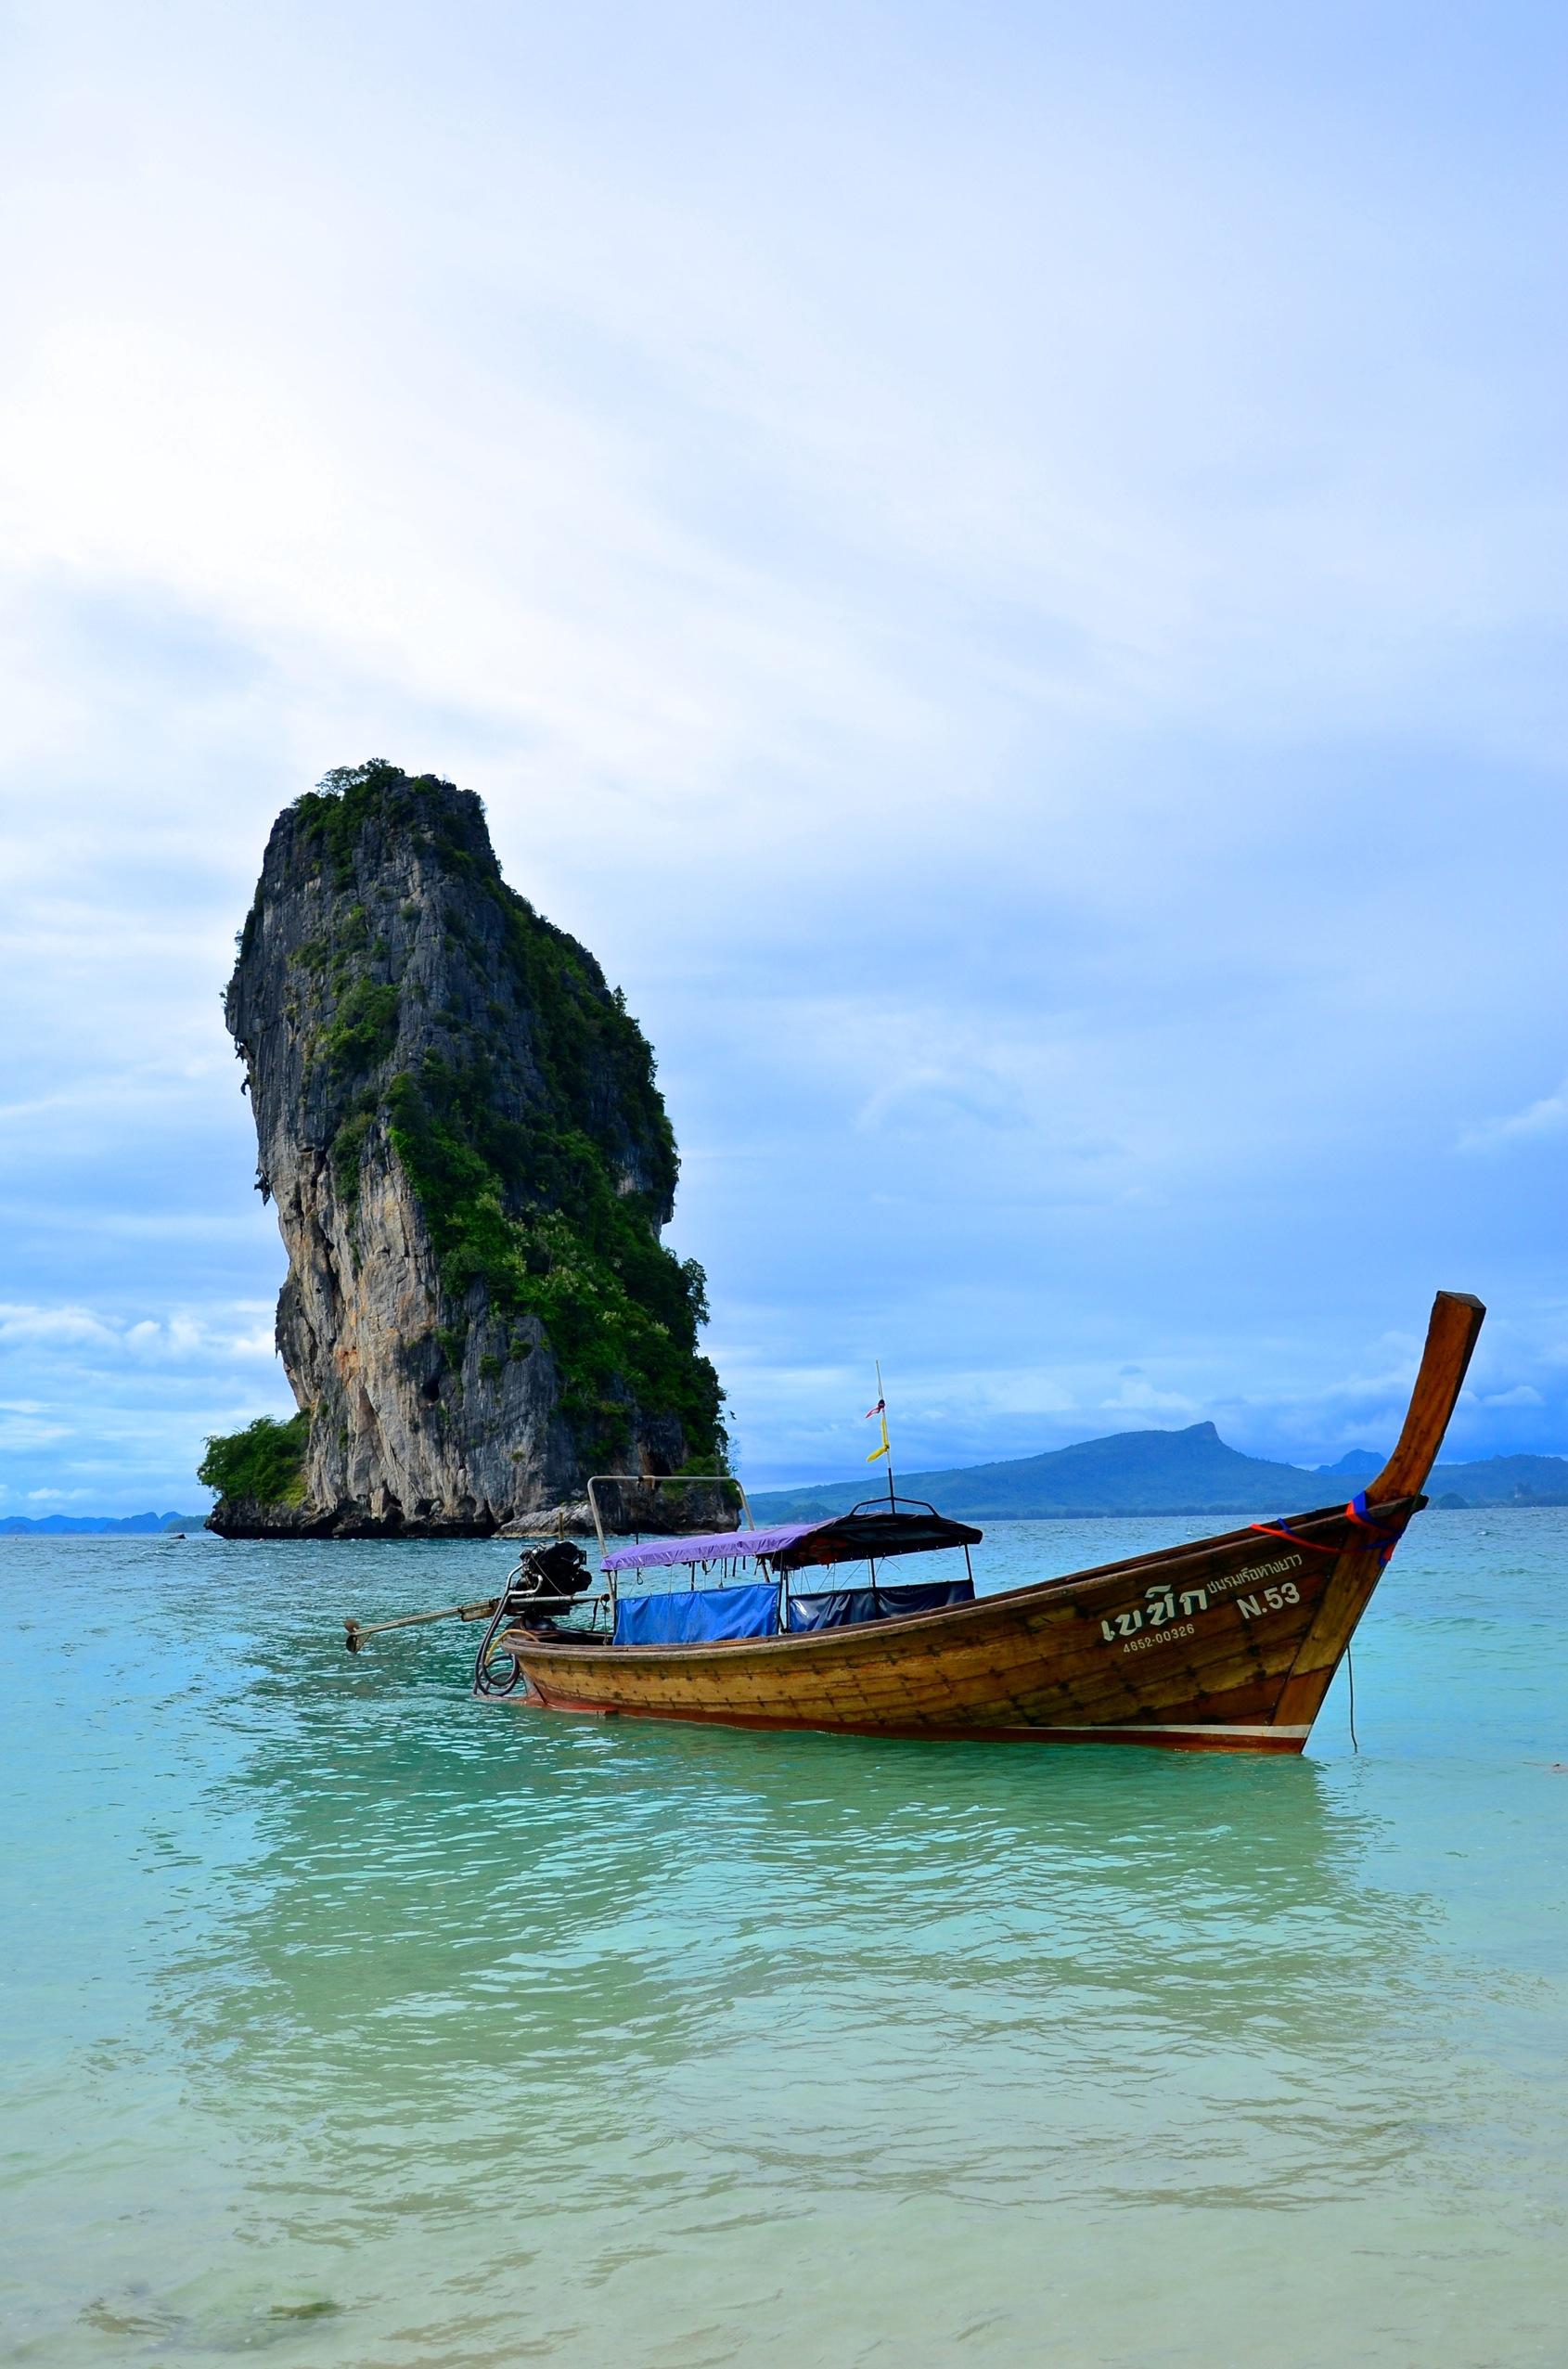 Postkartenmoment auf der kleinen Insel Koh Poda vor Krabi